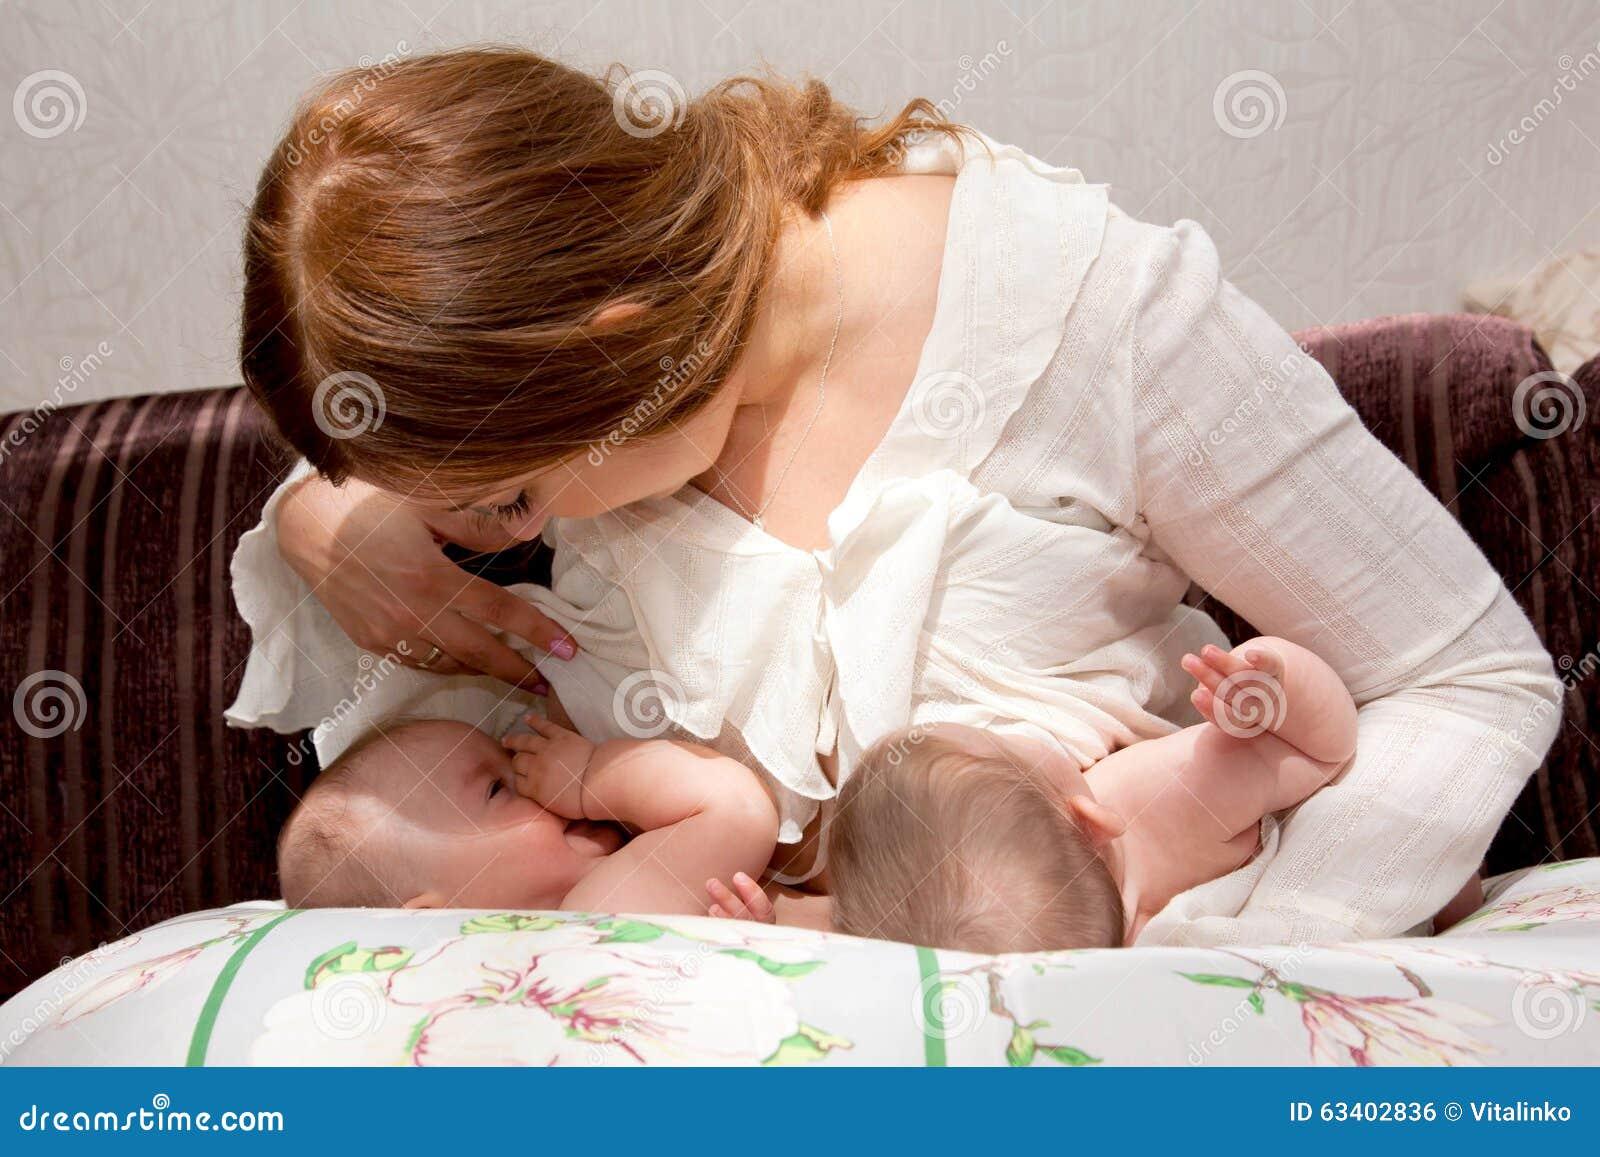 Amamentando bebês gêmeos com dispositivo para alimentar